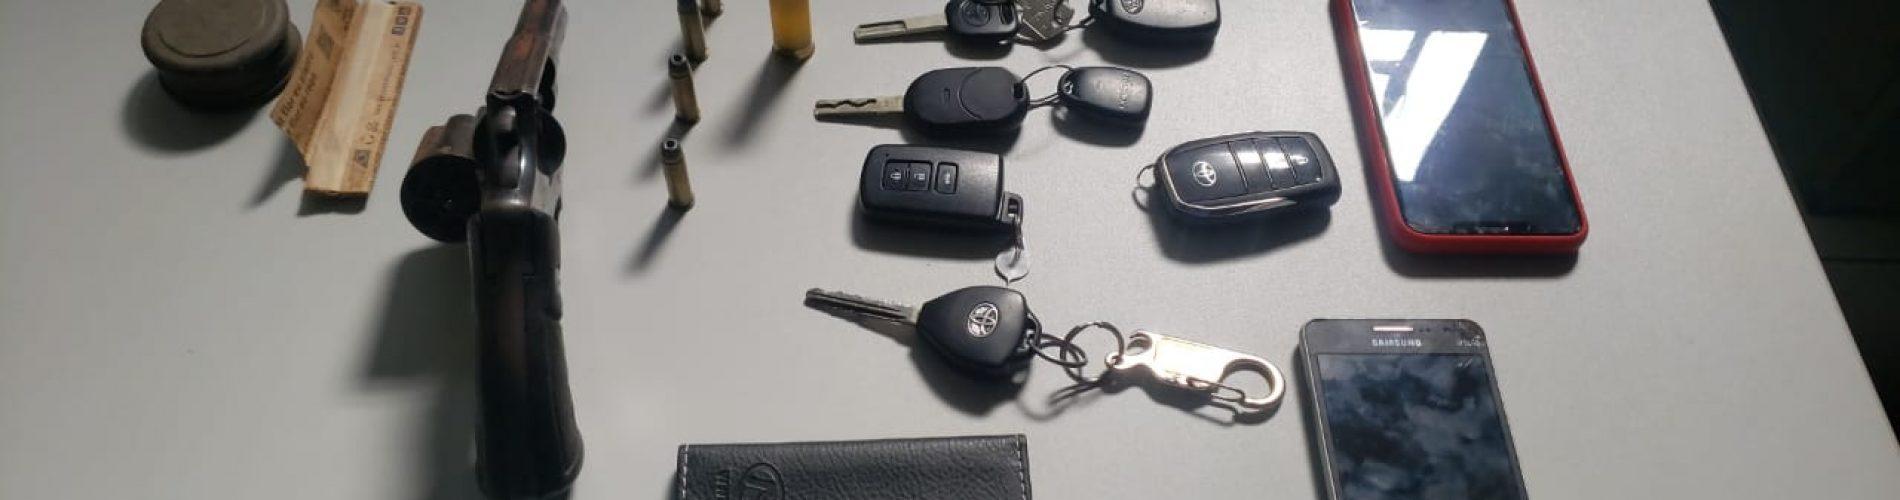 Corretor acusado de homicídio é preso com veículos roubados no Piauí